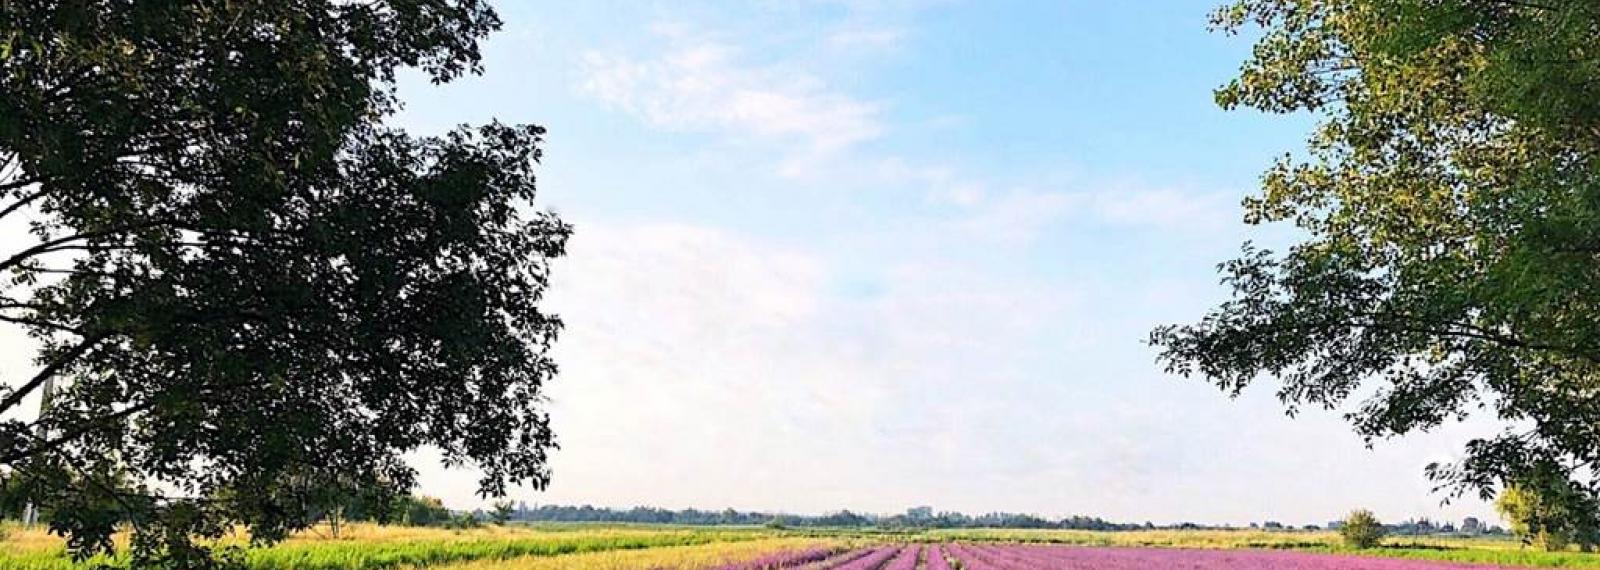 Un Mas en Provence, champs de lavande